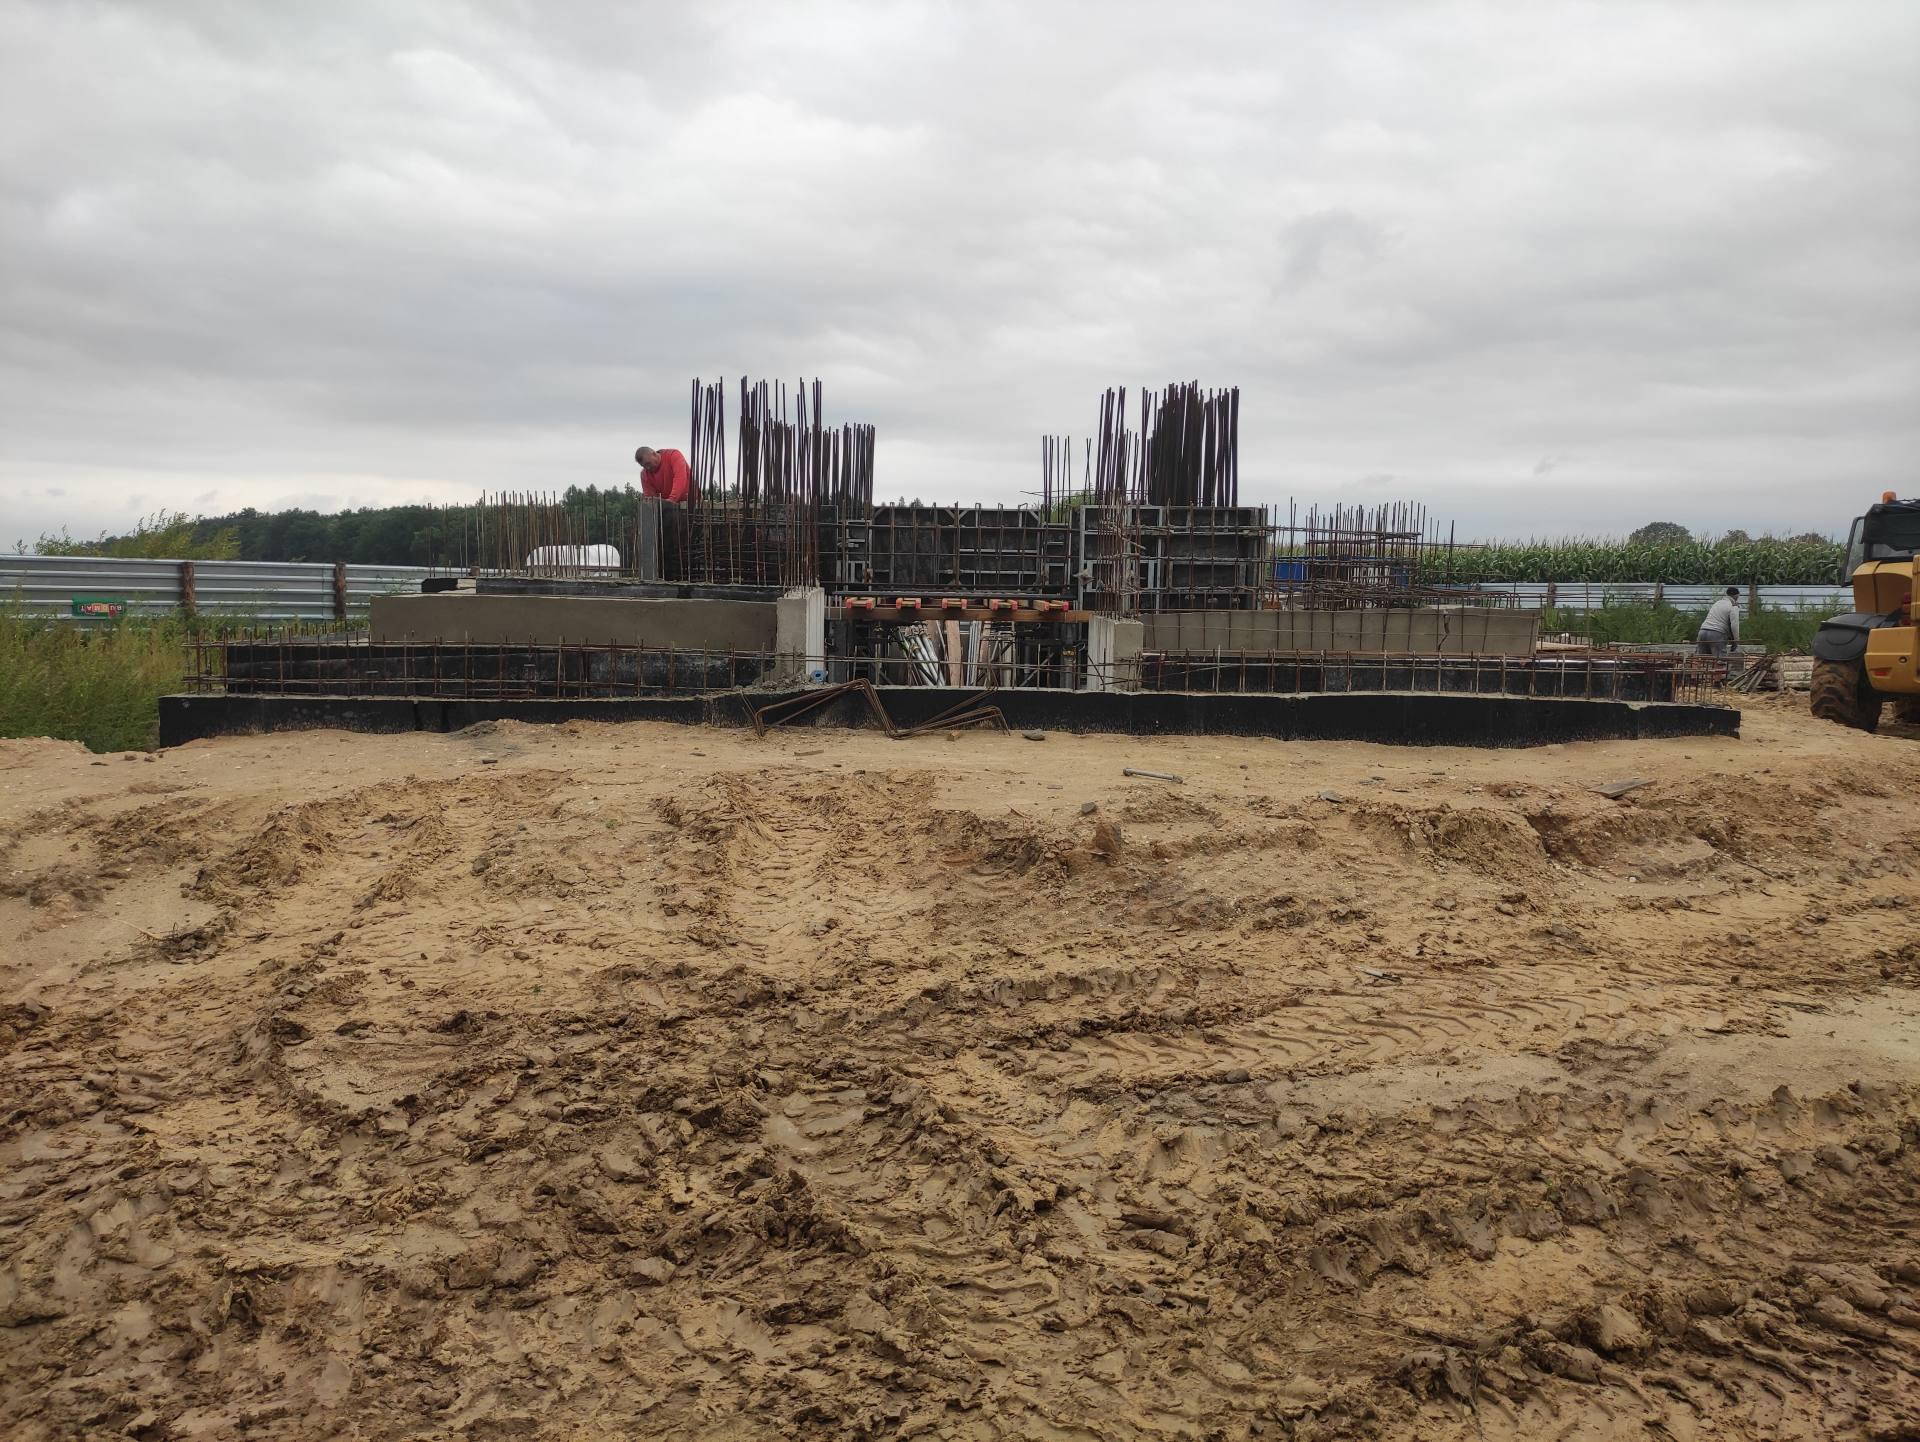 prace pomnik komarow 5 Zbliża się 101. rocznica Bitwy pod Komarowem. Jak postepują prace przy budowie pomnika bitwy?